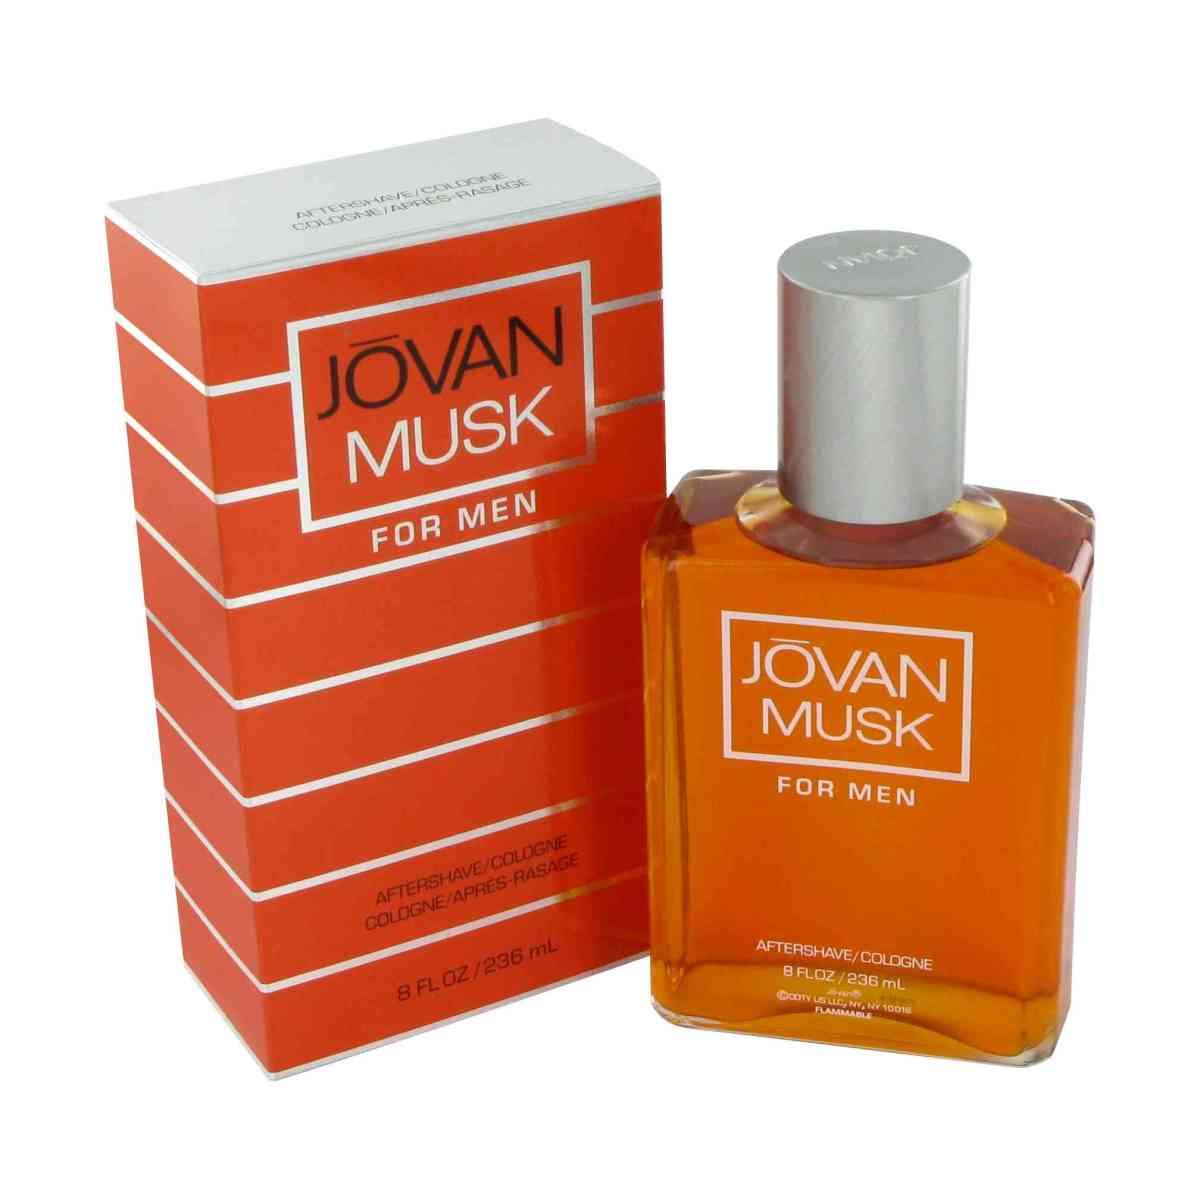 Jovan Musk for Men Fragrance